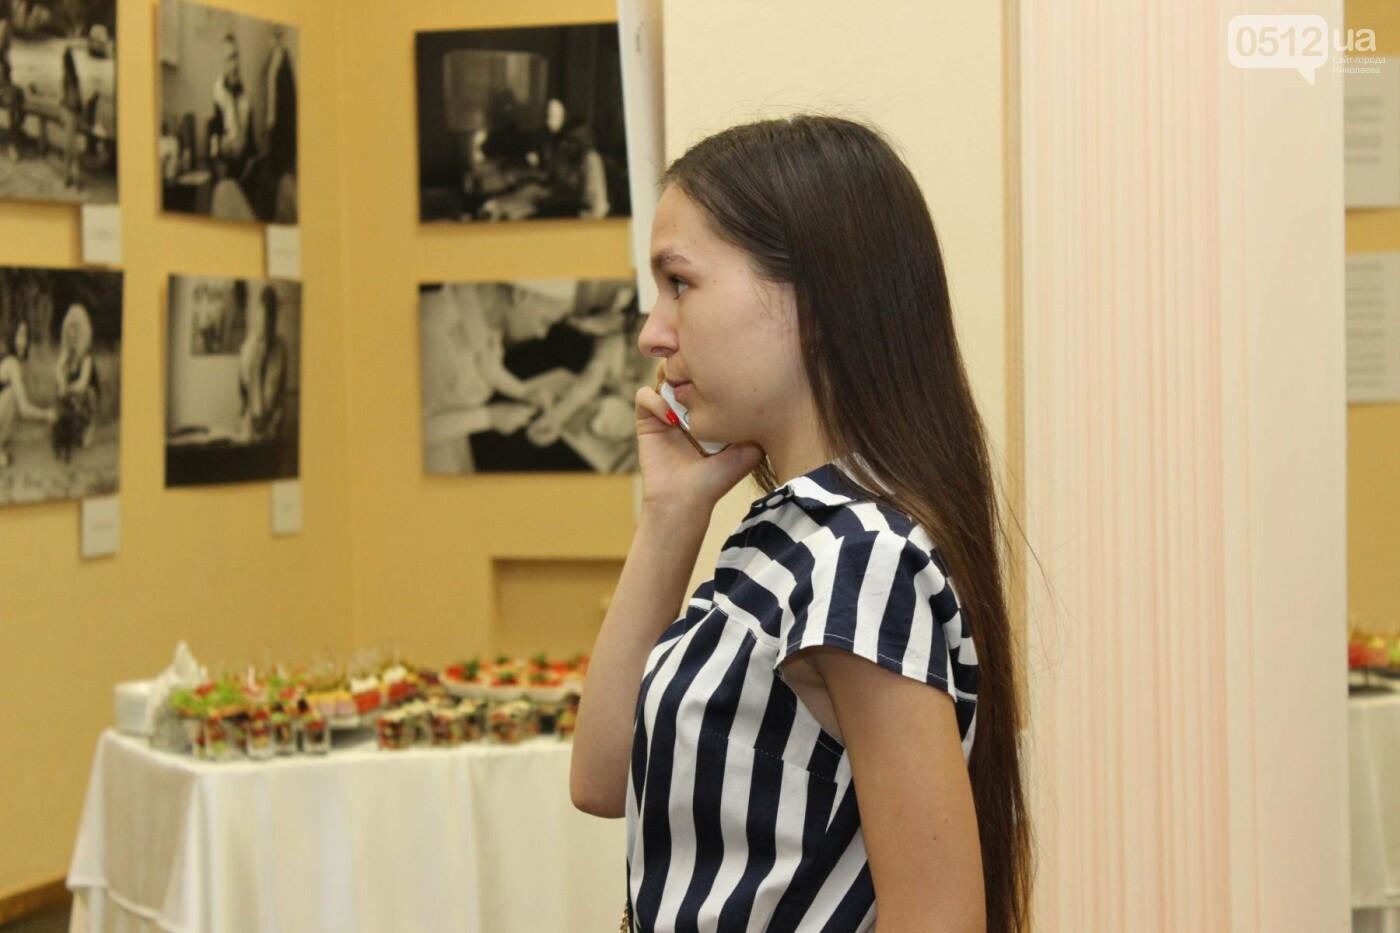 В Николаеве прошла фото-выставка людей, которые борются за жизнь, - ФОТО, фото-7